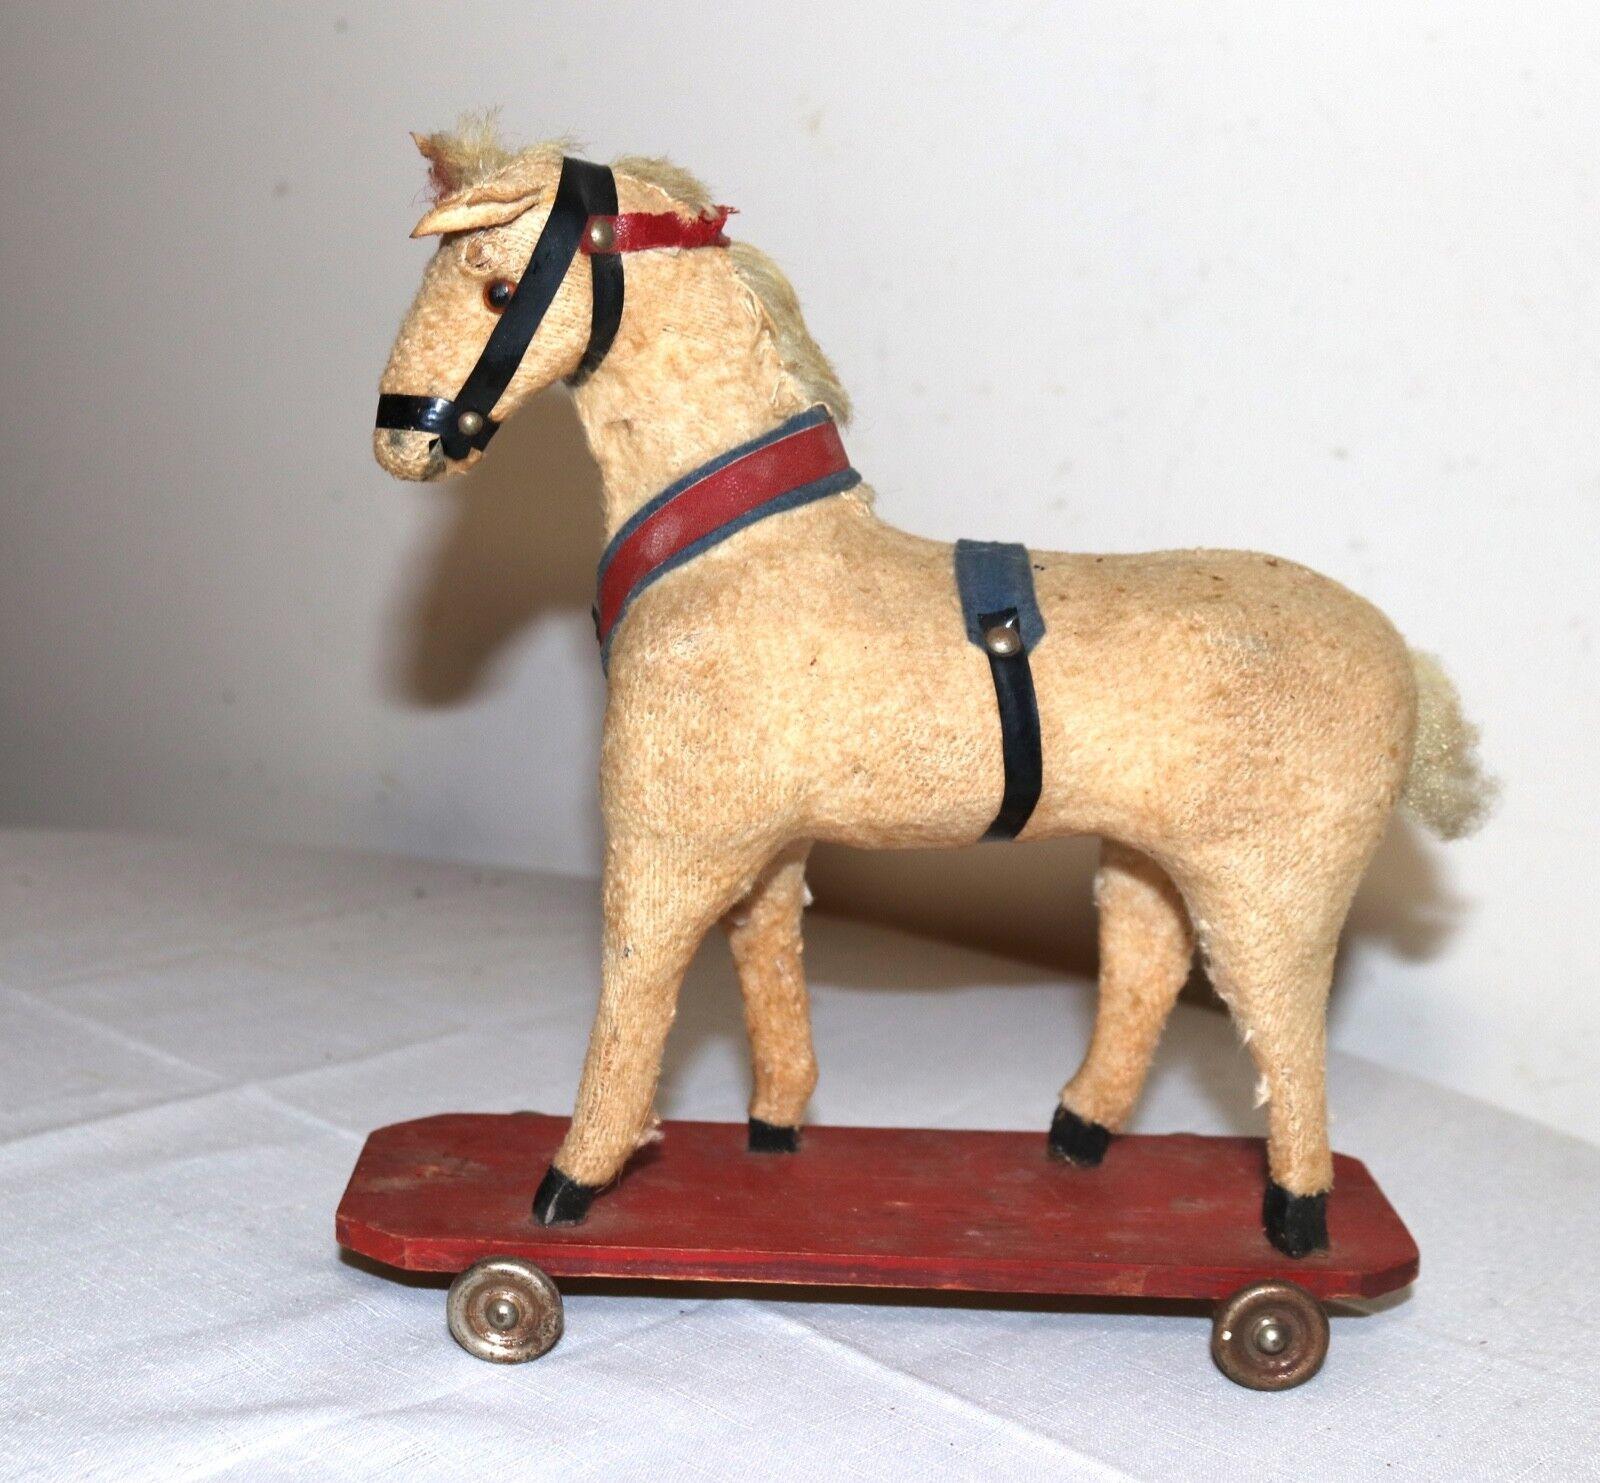 Antiguo Hecho a Mano Madera Tallada Figural tire de juguete de hojalata Mohair Caballo Vintage scultpure